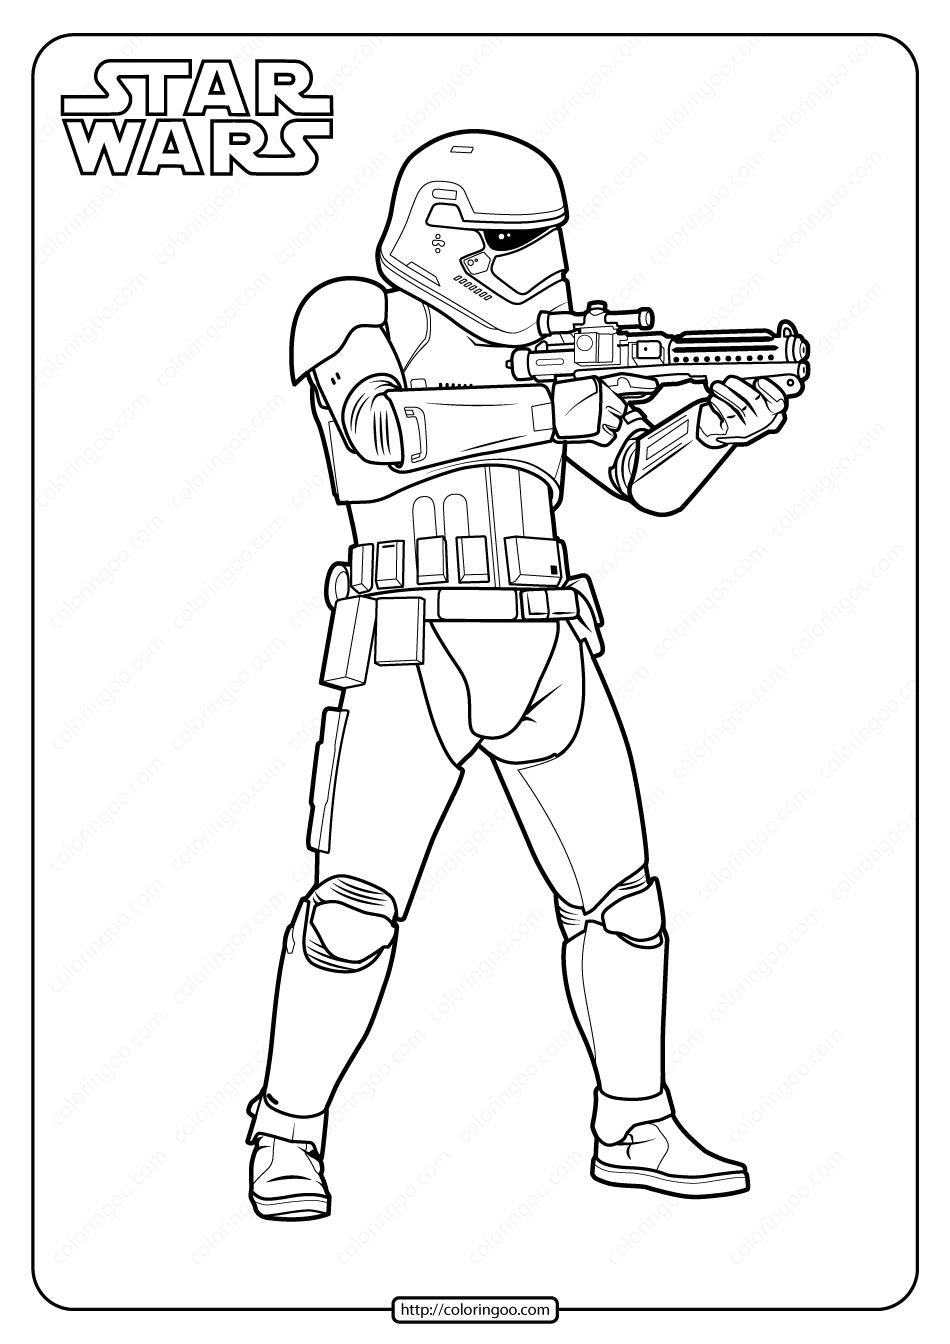 Printable Star Wars Stormtrooper Coloring Page Star Wars Coloring Book Star Coloring Pages Star Wars Prints